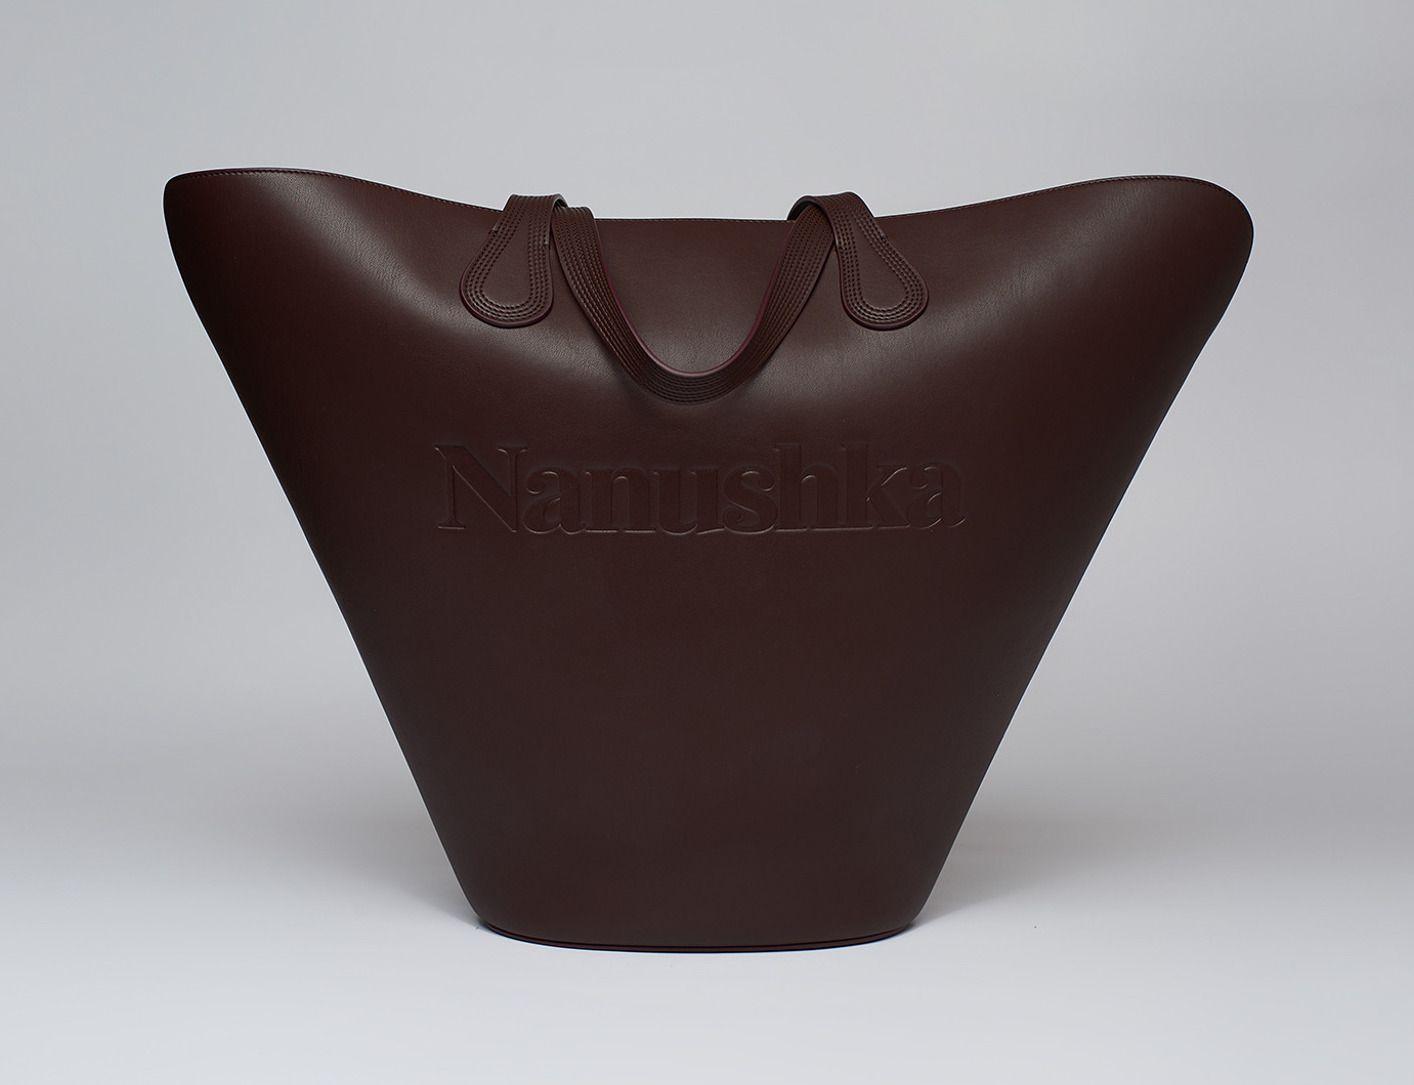 Nanushka Large Vegan Leather Tote